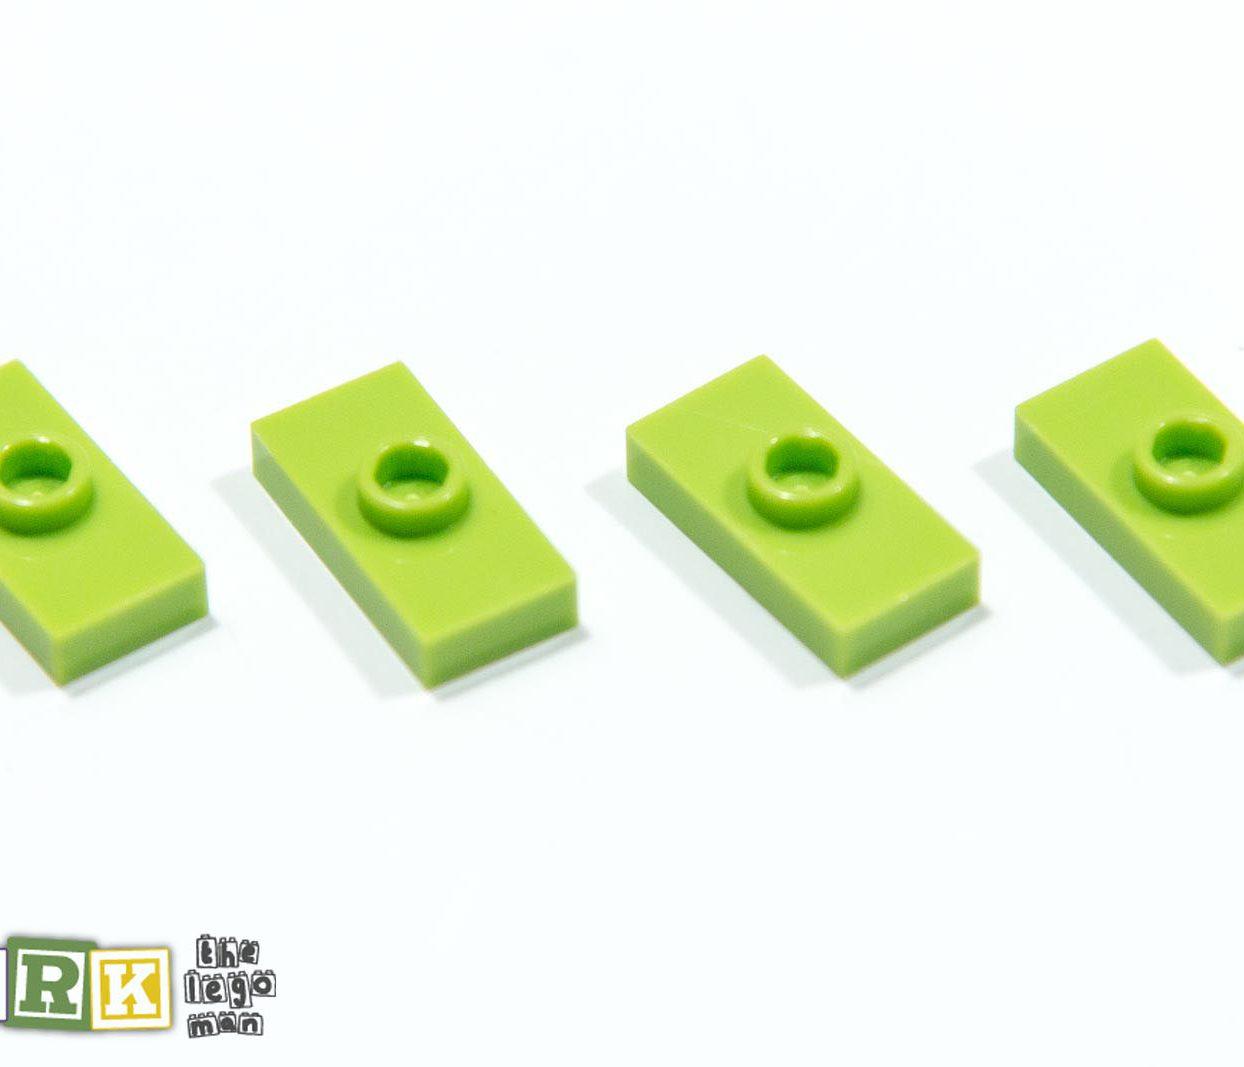 4500069 3794 Job Lot 4x Bright Yellow Green 1x2 Plate With 1 Knob Stud